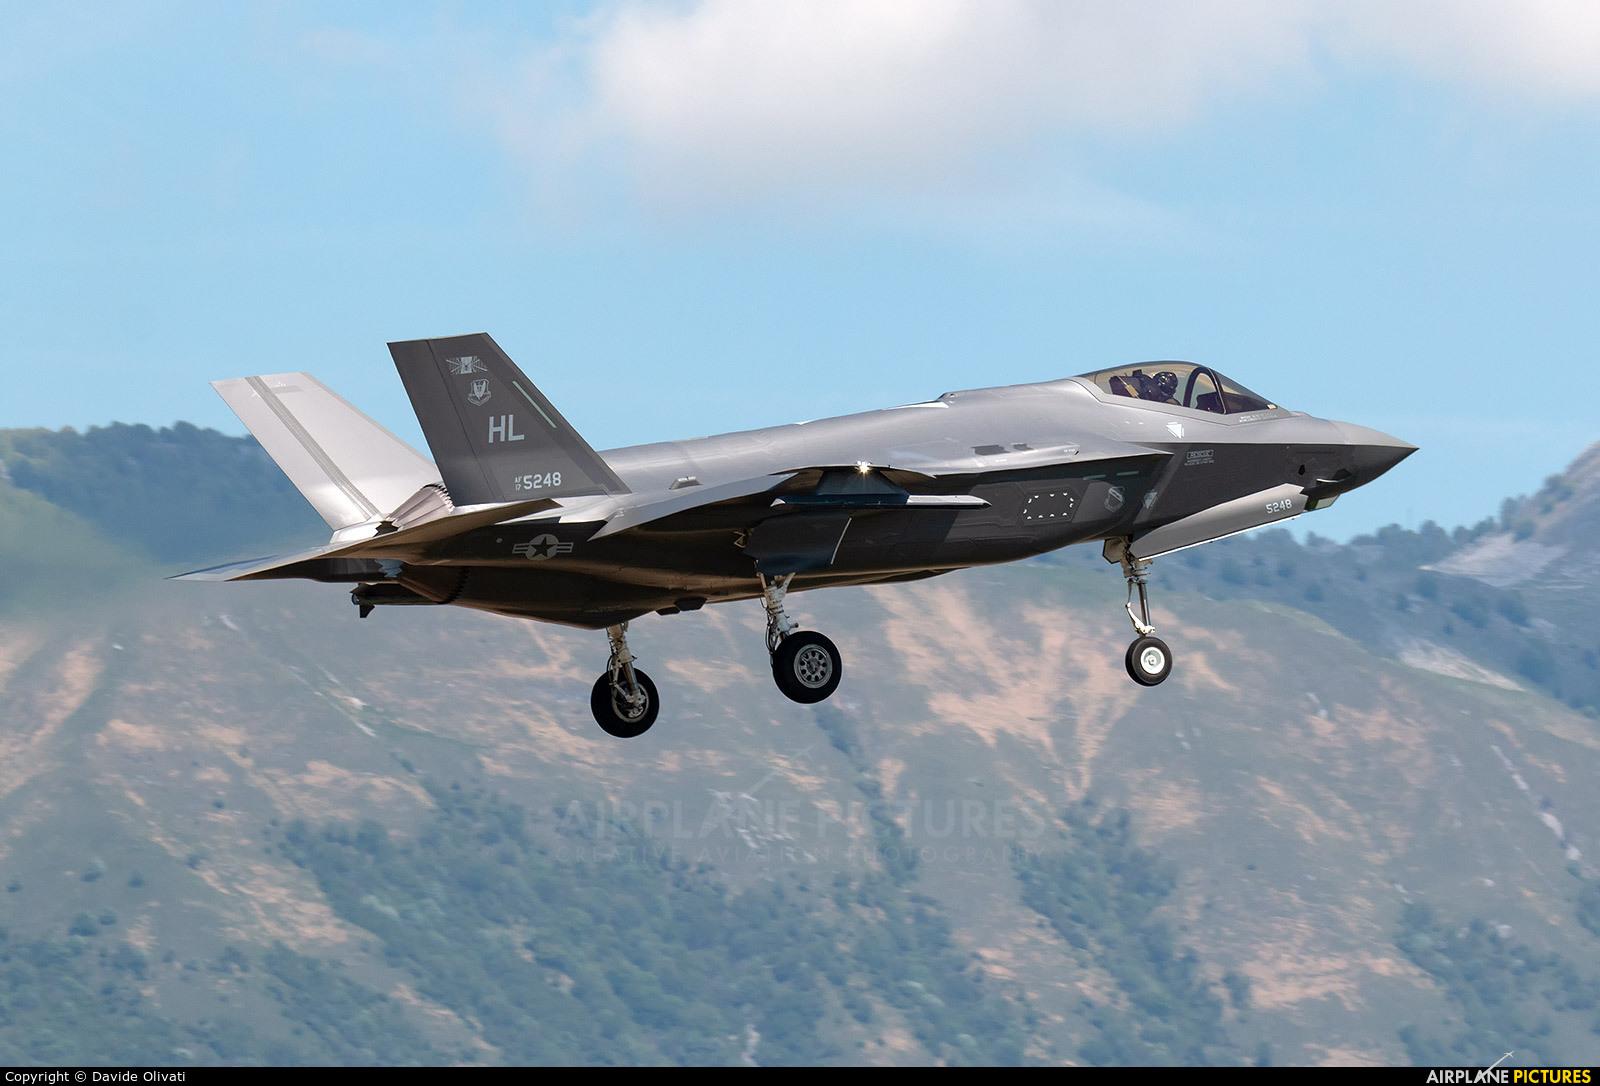 USA - Air Force 17-5248 aircraft at Aviano